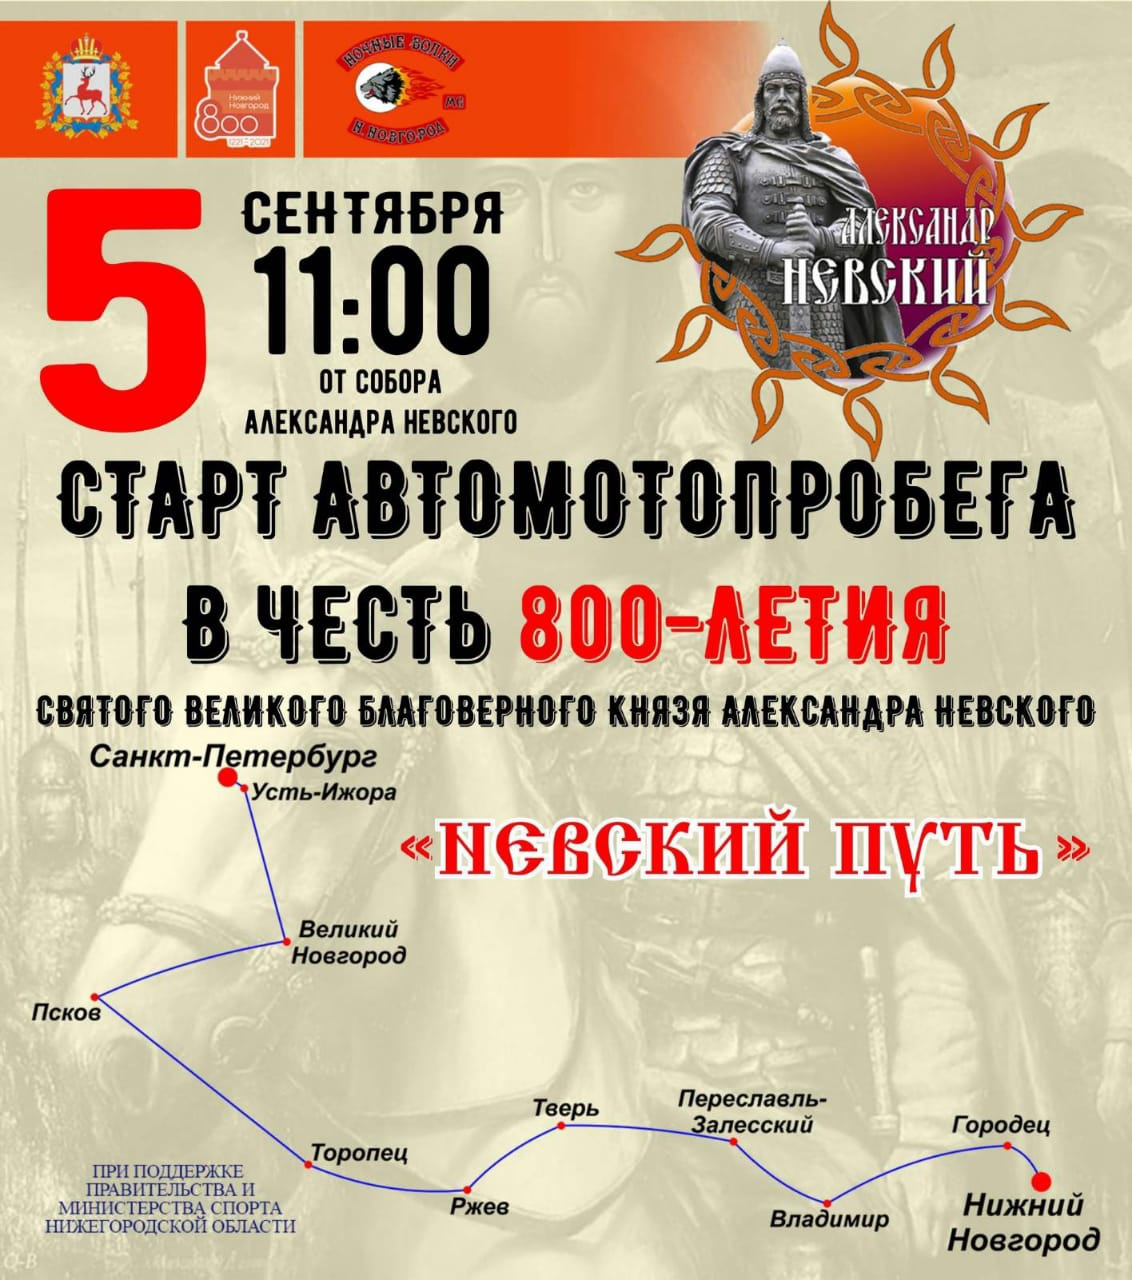 Тверская область примет участие в масштабном автомотопробеге в честь Александра Невского